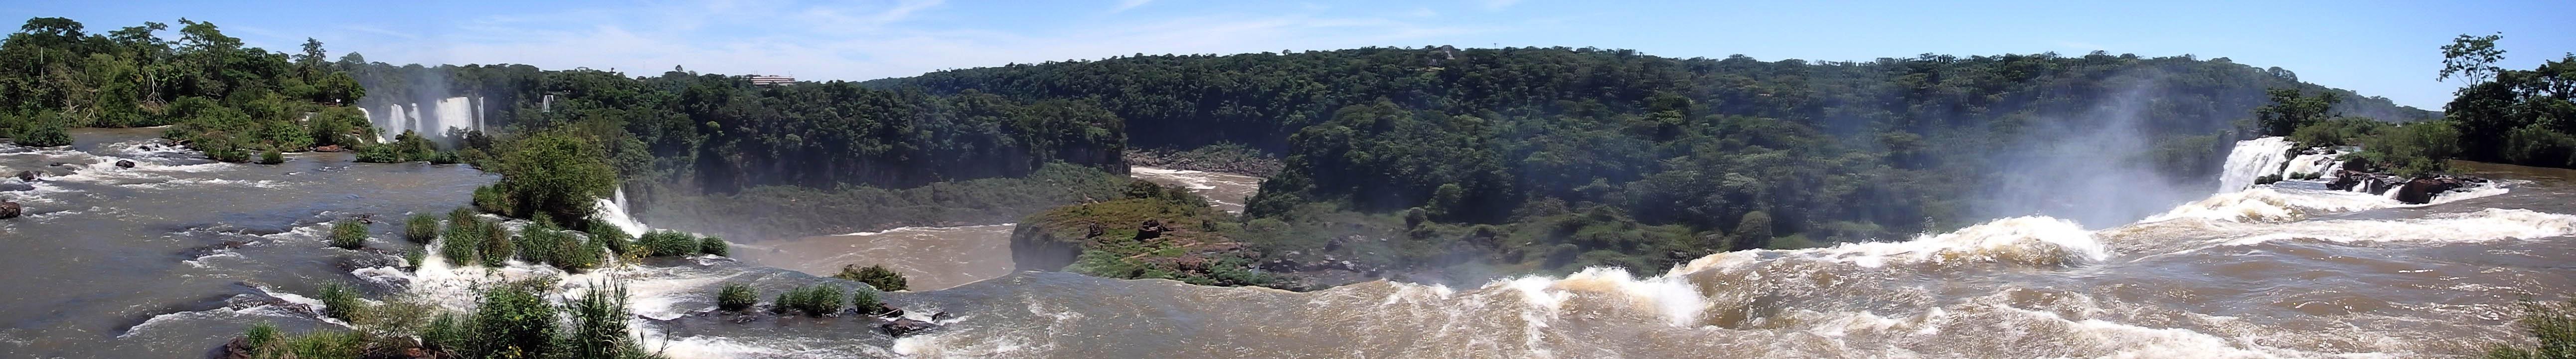 171212_Iguazu Cataratas71